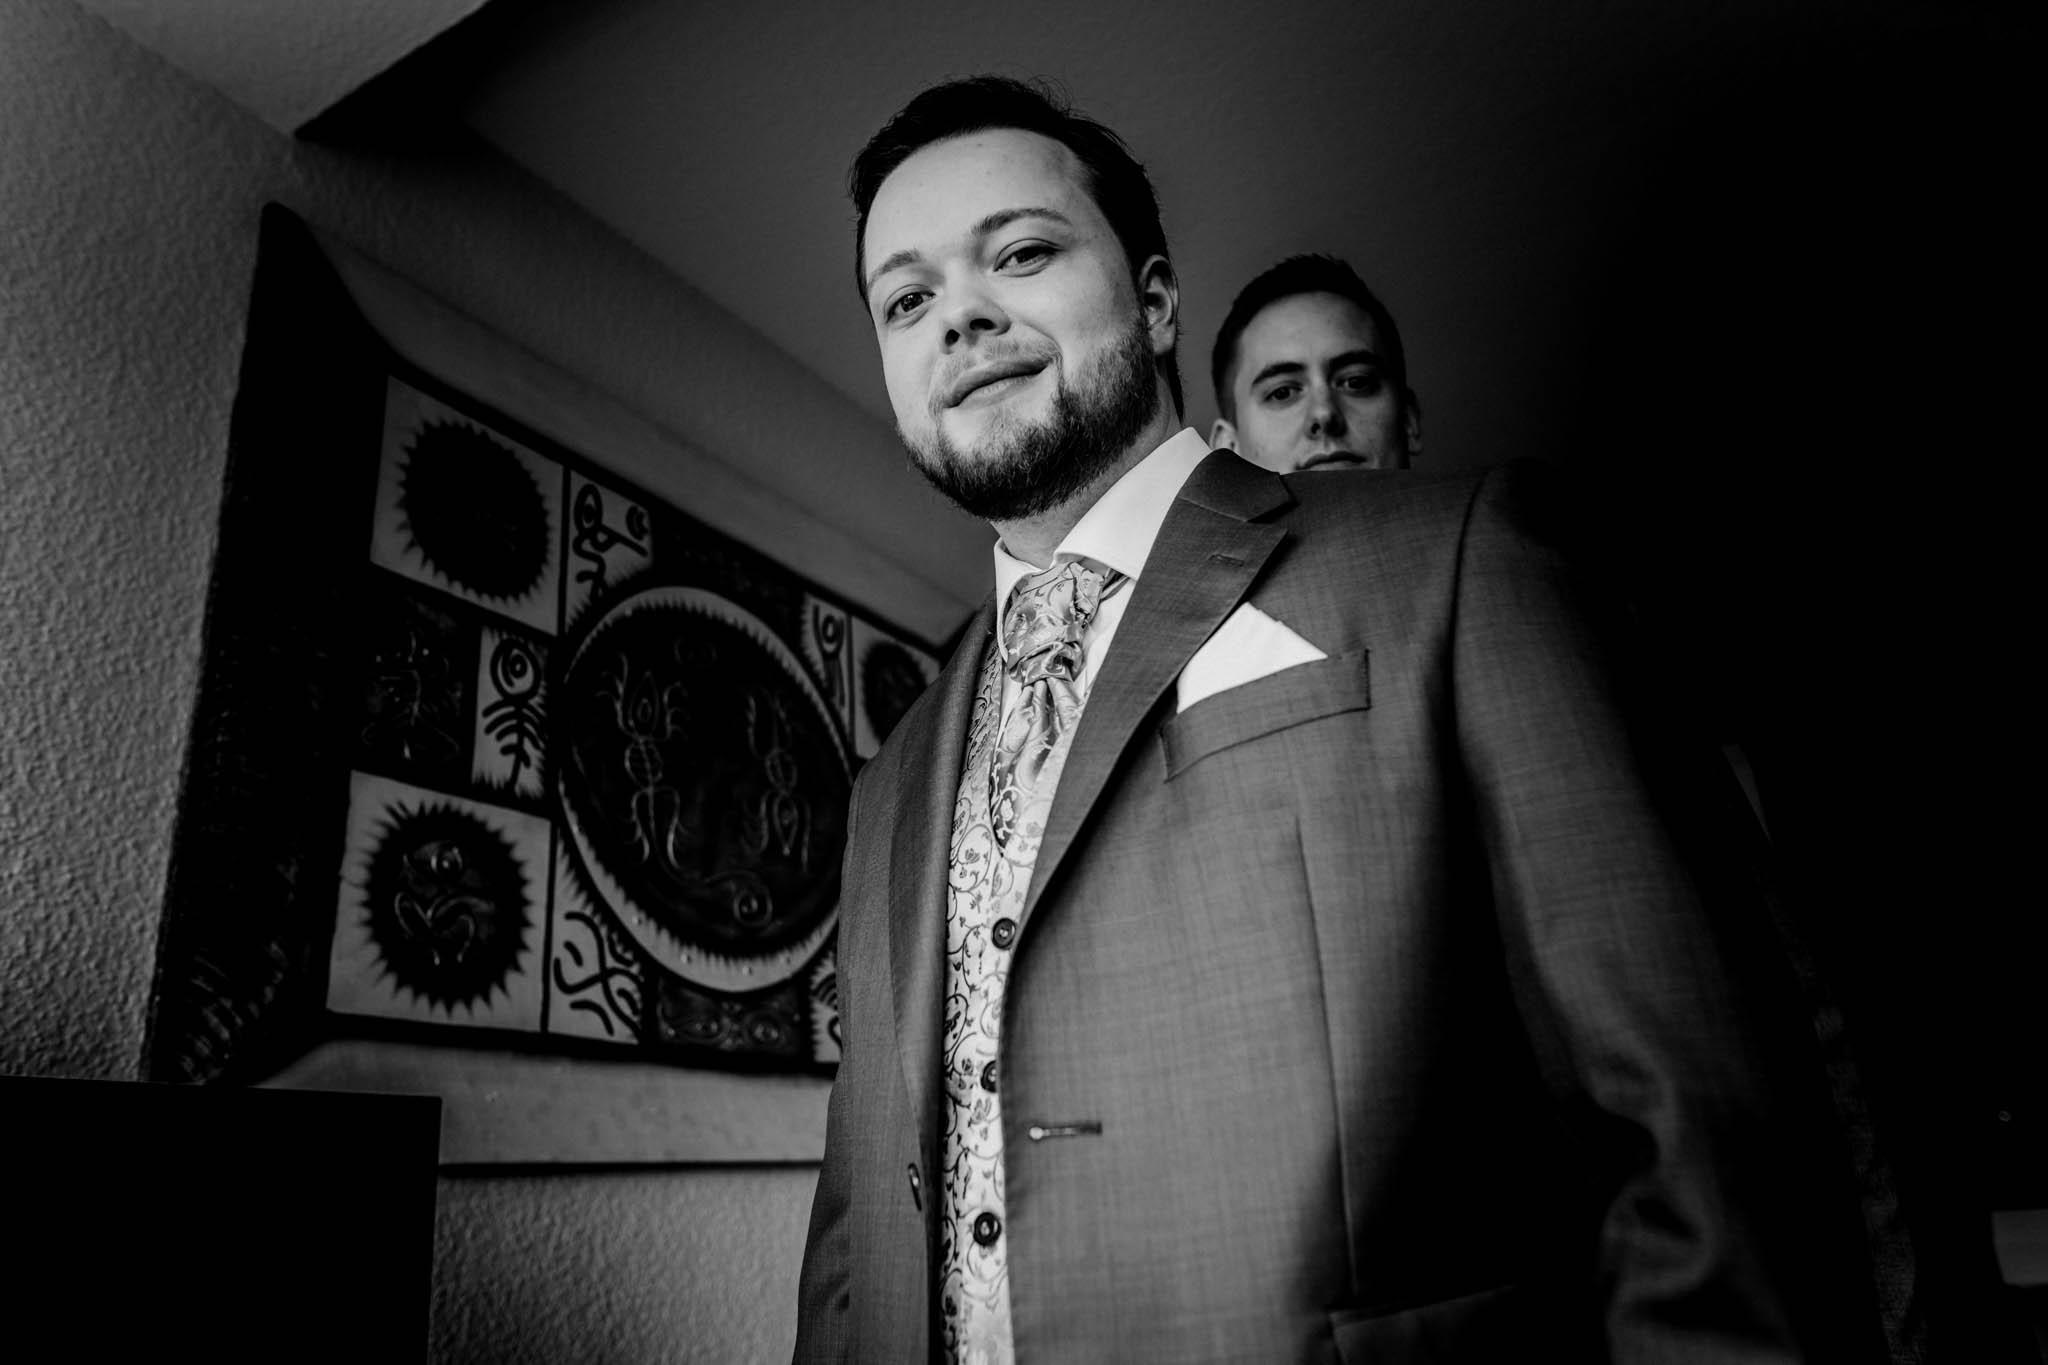 Hochzeitsfieber by Photo-Schomburg, Hochzeitsfotograf, Hamburg, Altona, wedding, Standesamt Altona, Appen, Hochzeitsshooting, Hochzeitstag, Brautpaar-28